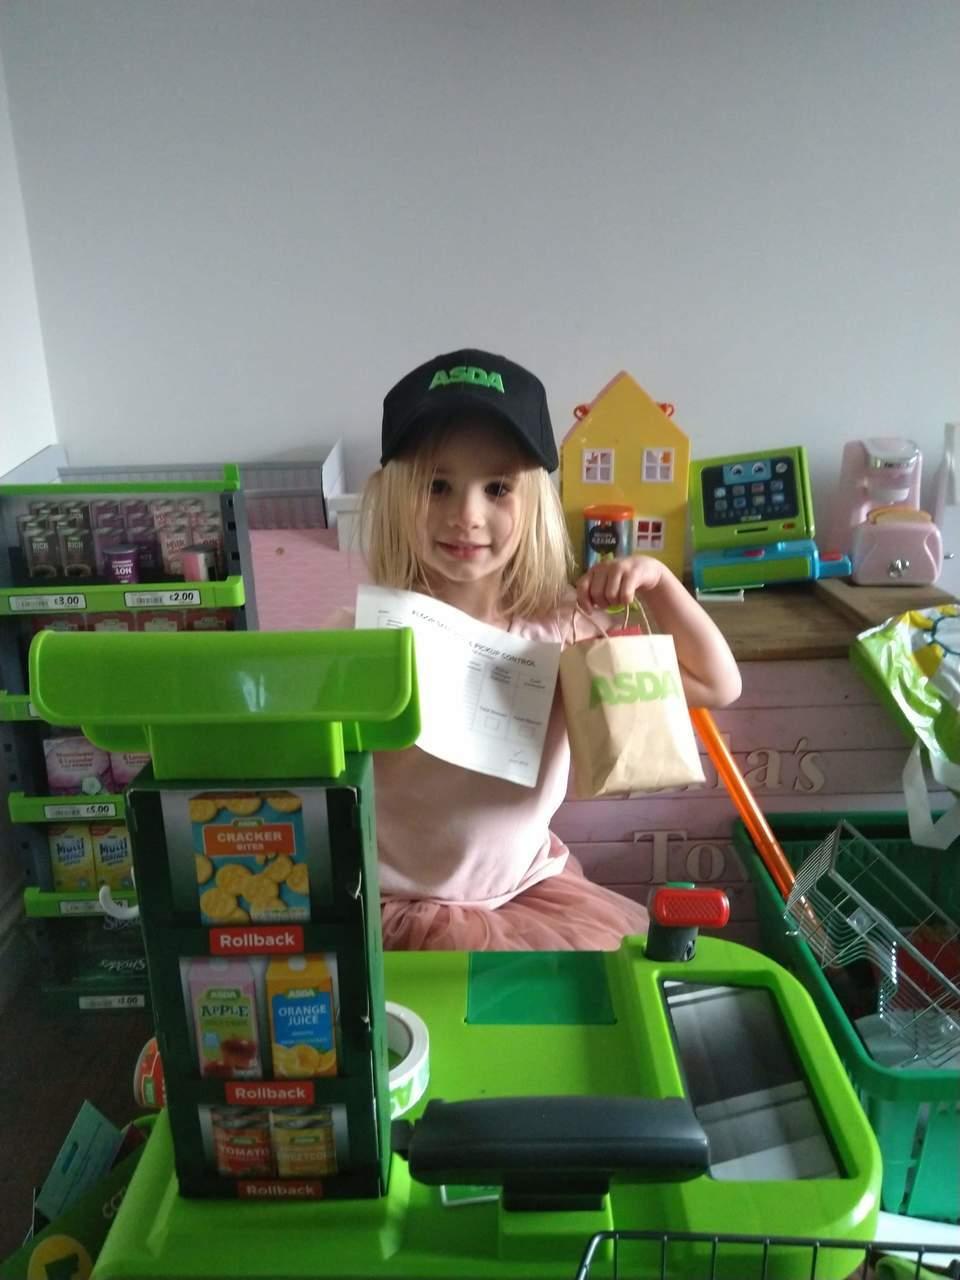 Happy birthday to young Asda fan Ellie | Asda Kingshill